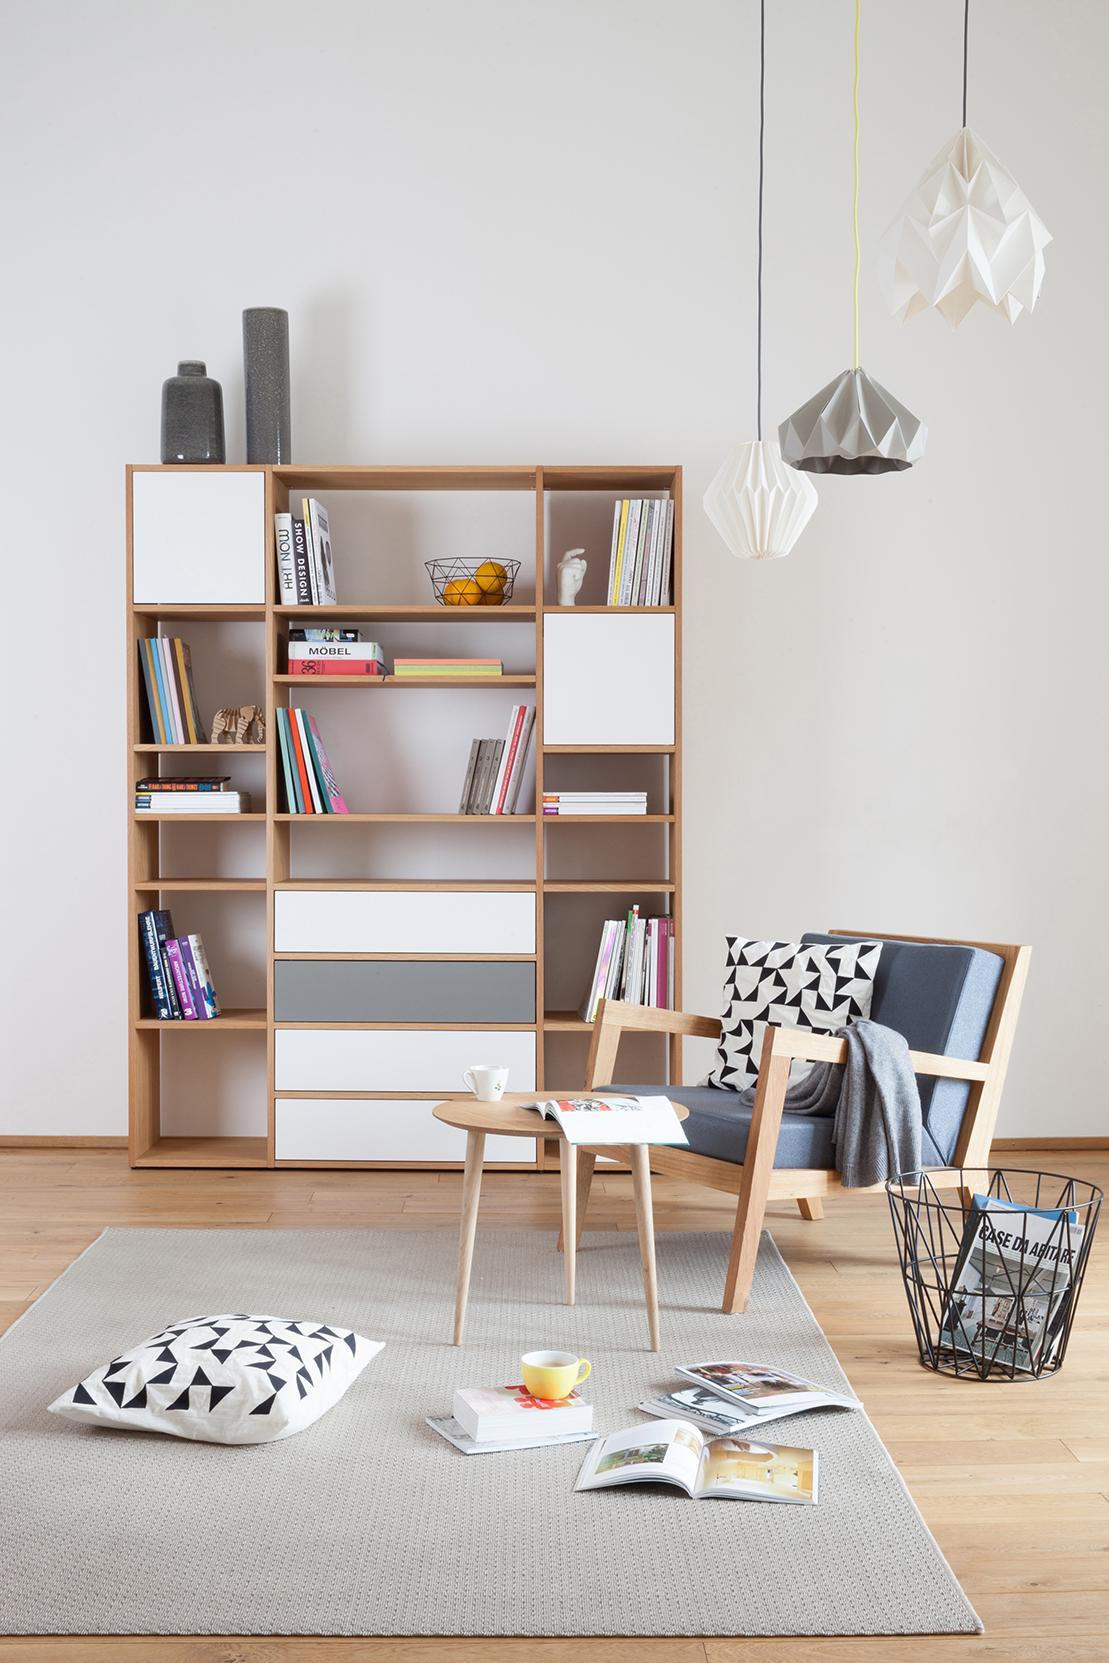 holzregal mit offenen und geschlossenen fächern #bib • couchstyle, Wohnzimmer